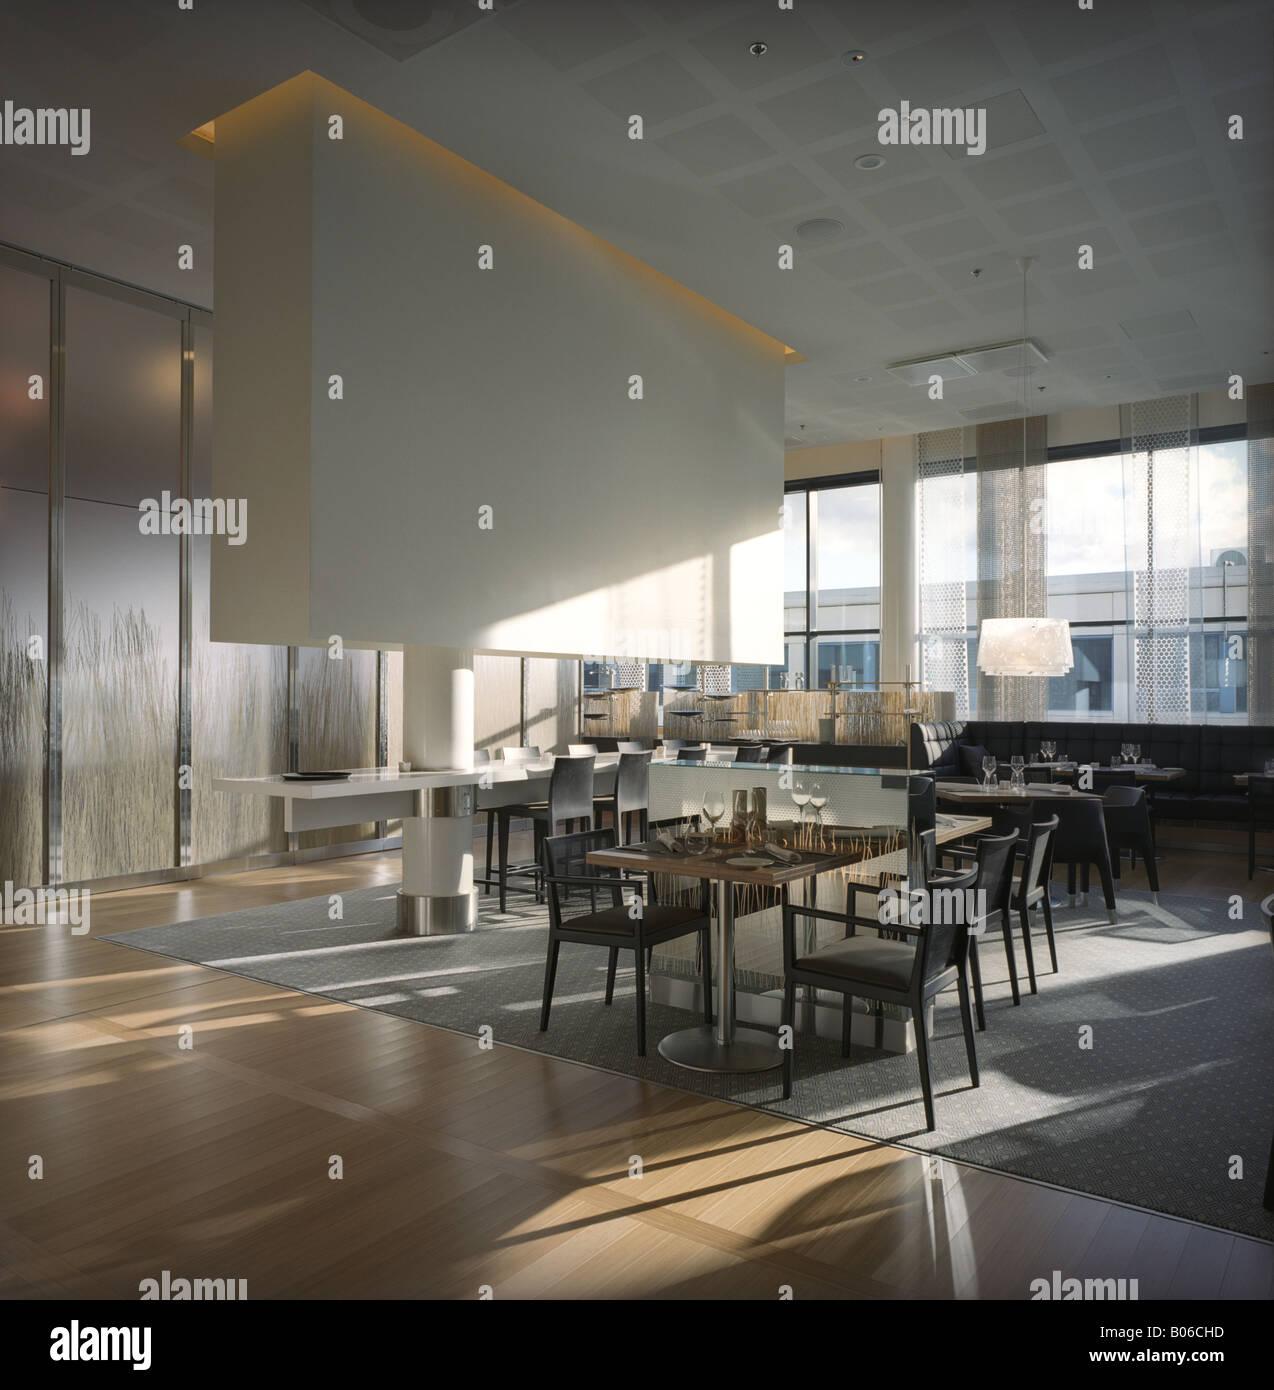 Best Kitchen Gallery: Modern Restaurant Lounge Interior Design Architecture Decoration of Modern Restaurant Interior Design on rachelxblog.com